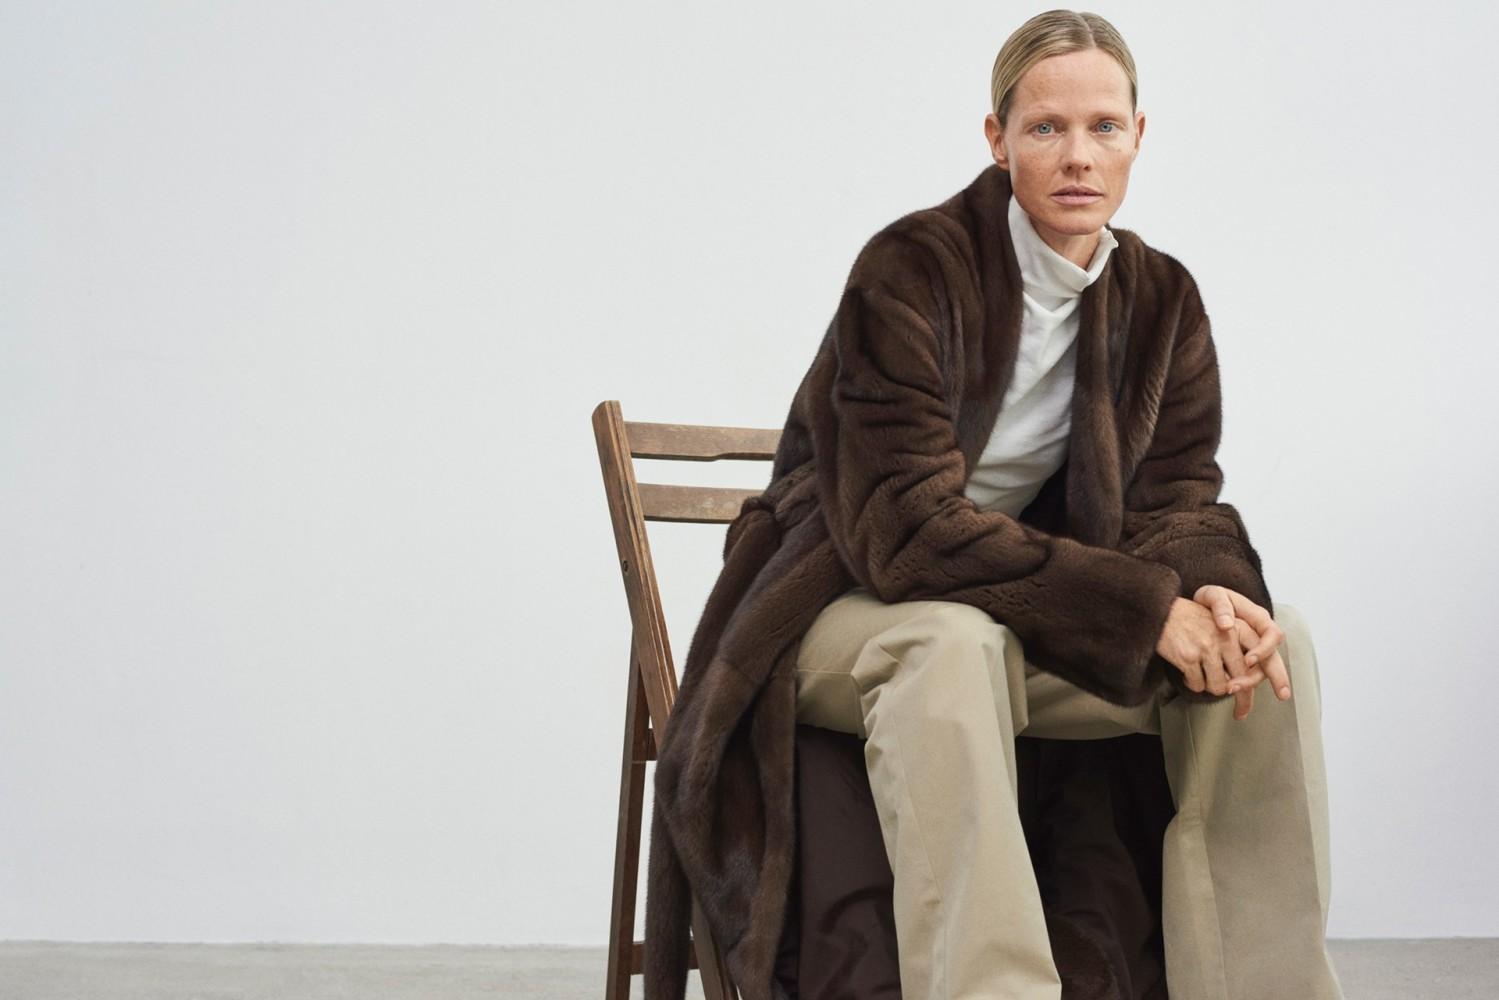 Marianne for Birger Christensen Campaign